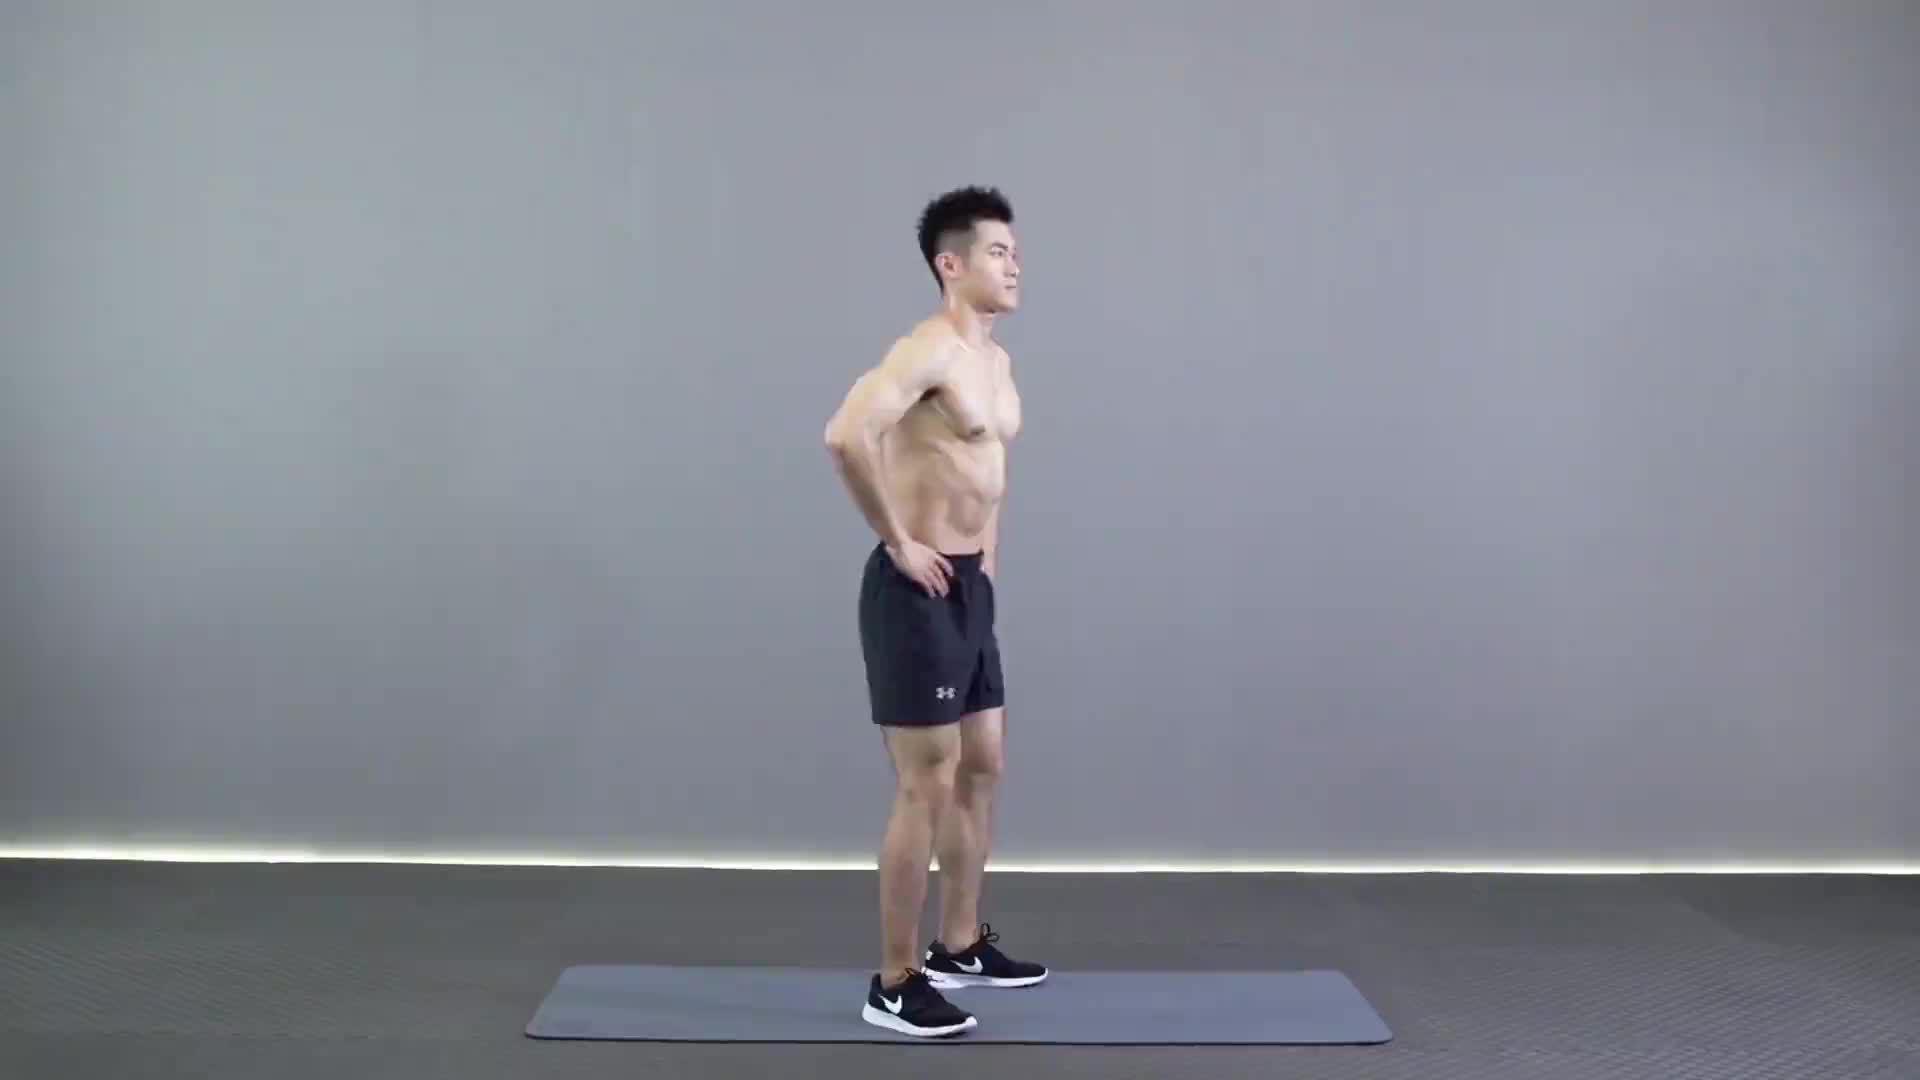 动作要领图                 1、脚尖与膝盖保持同一方向,下蹲膝盖不要超过脚尖         1、提膝至大腿略高于髋部         1、收紧腹部、臀部           主要肌肉示意图